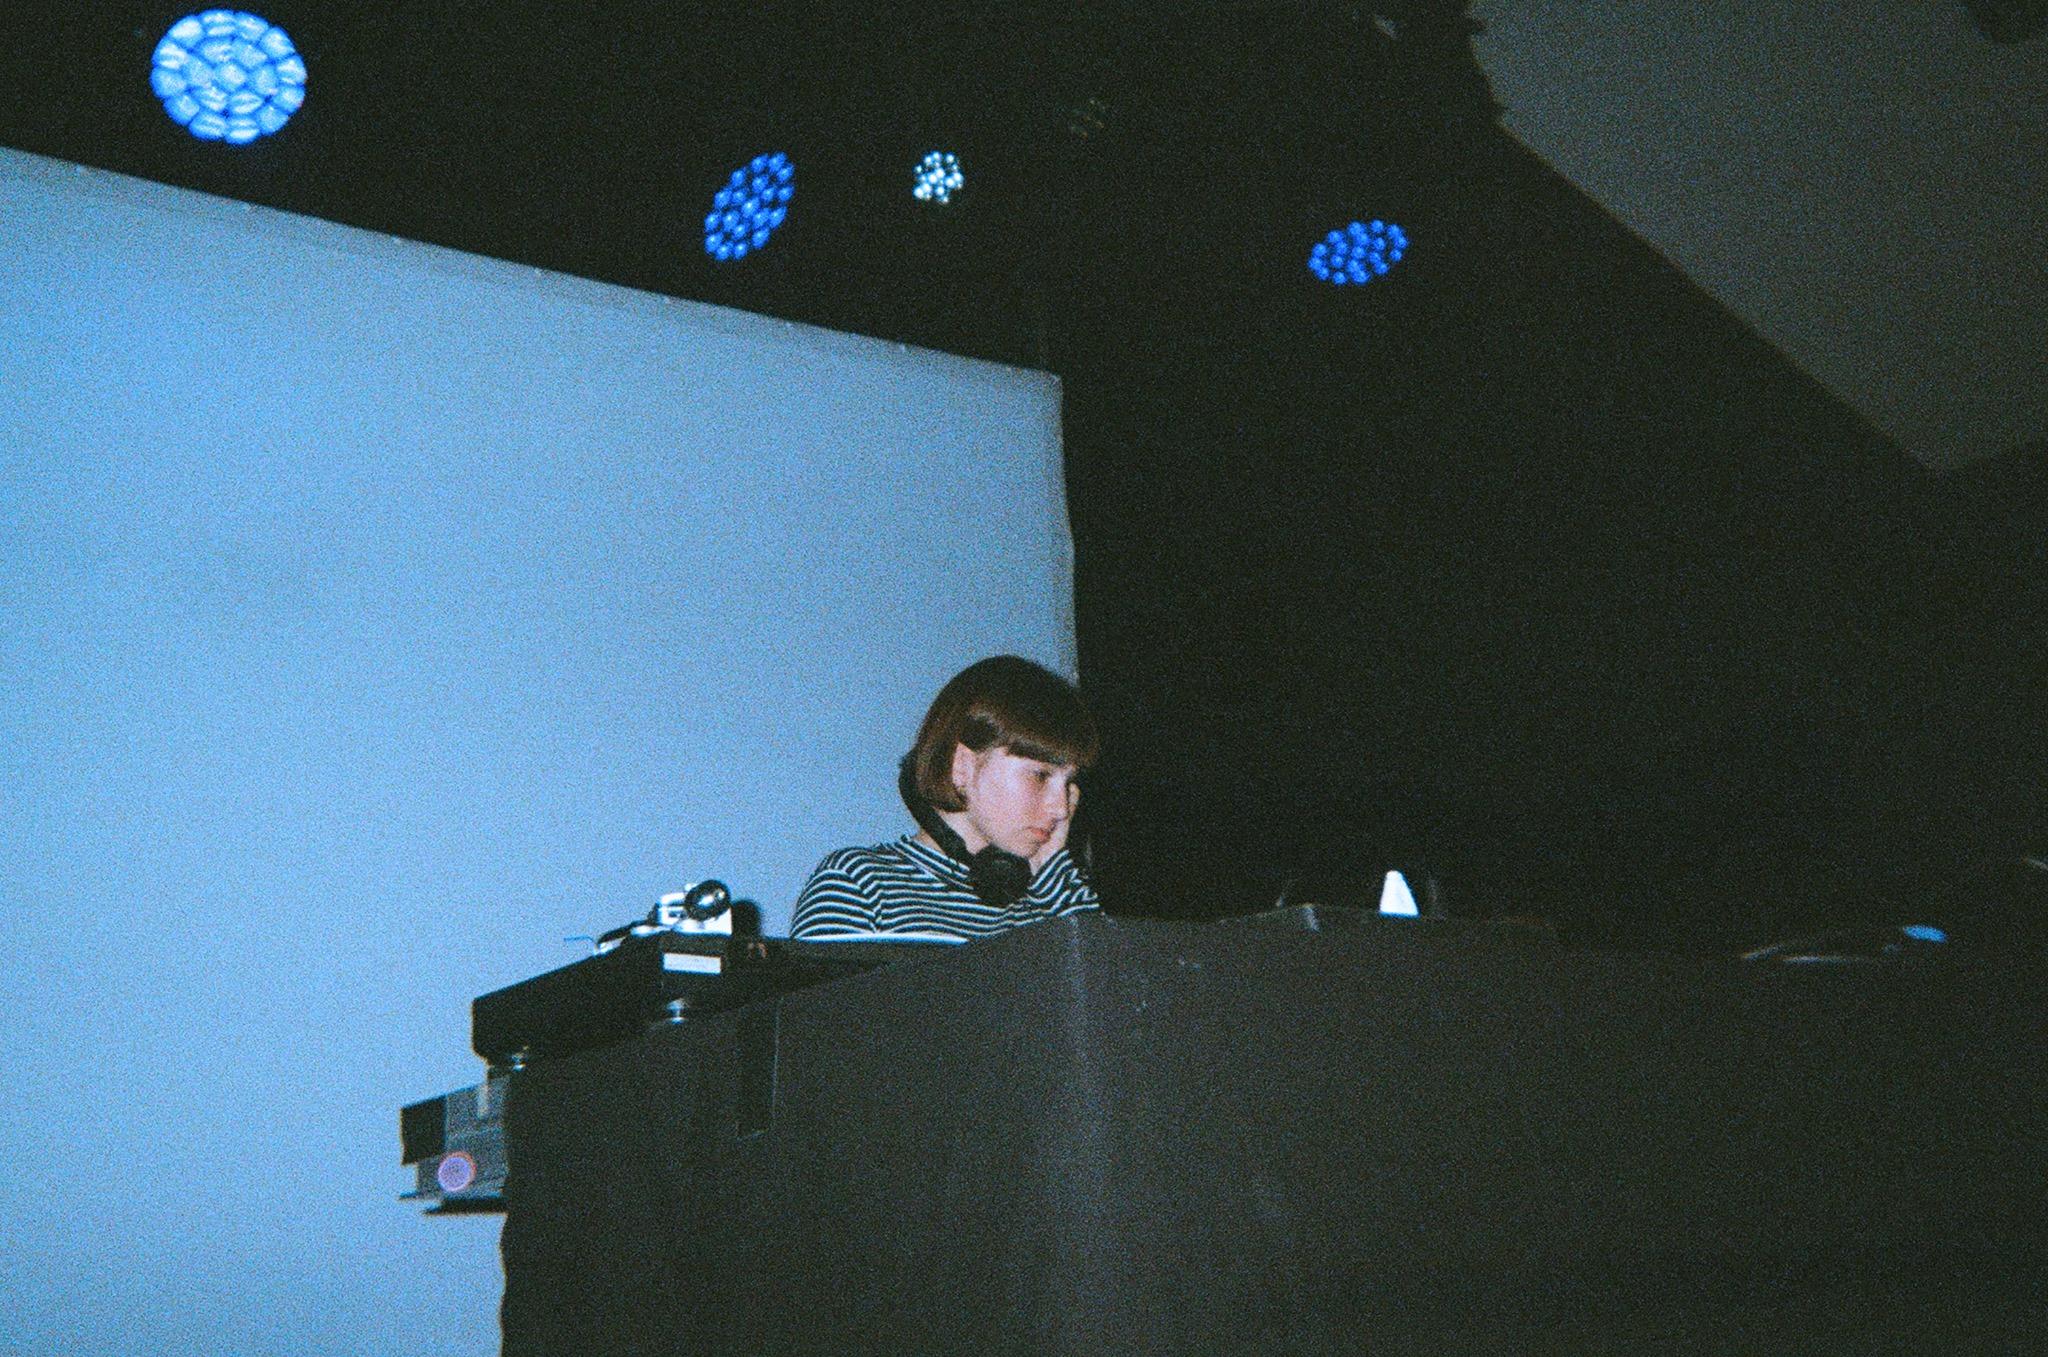 Elise Kravets